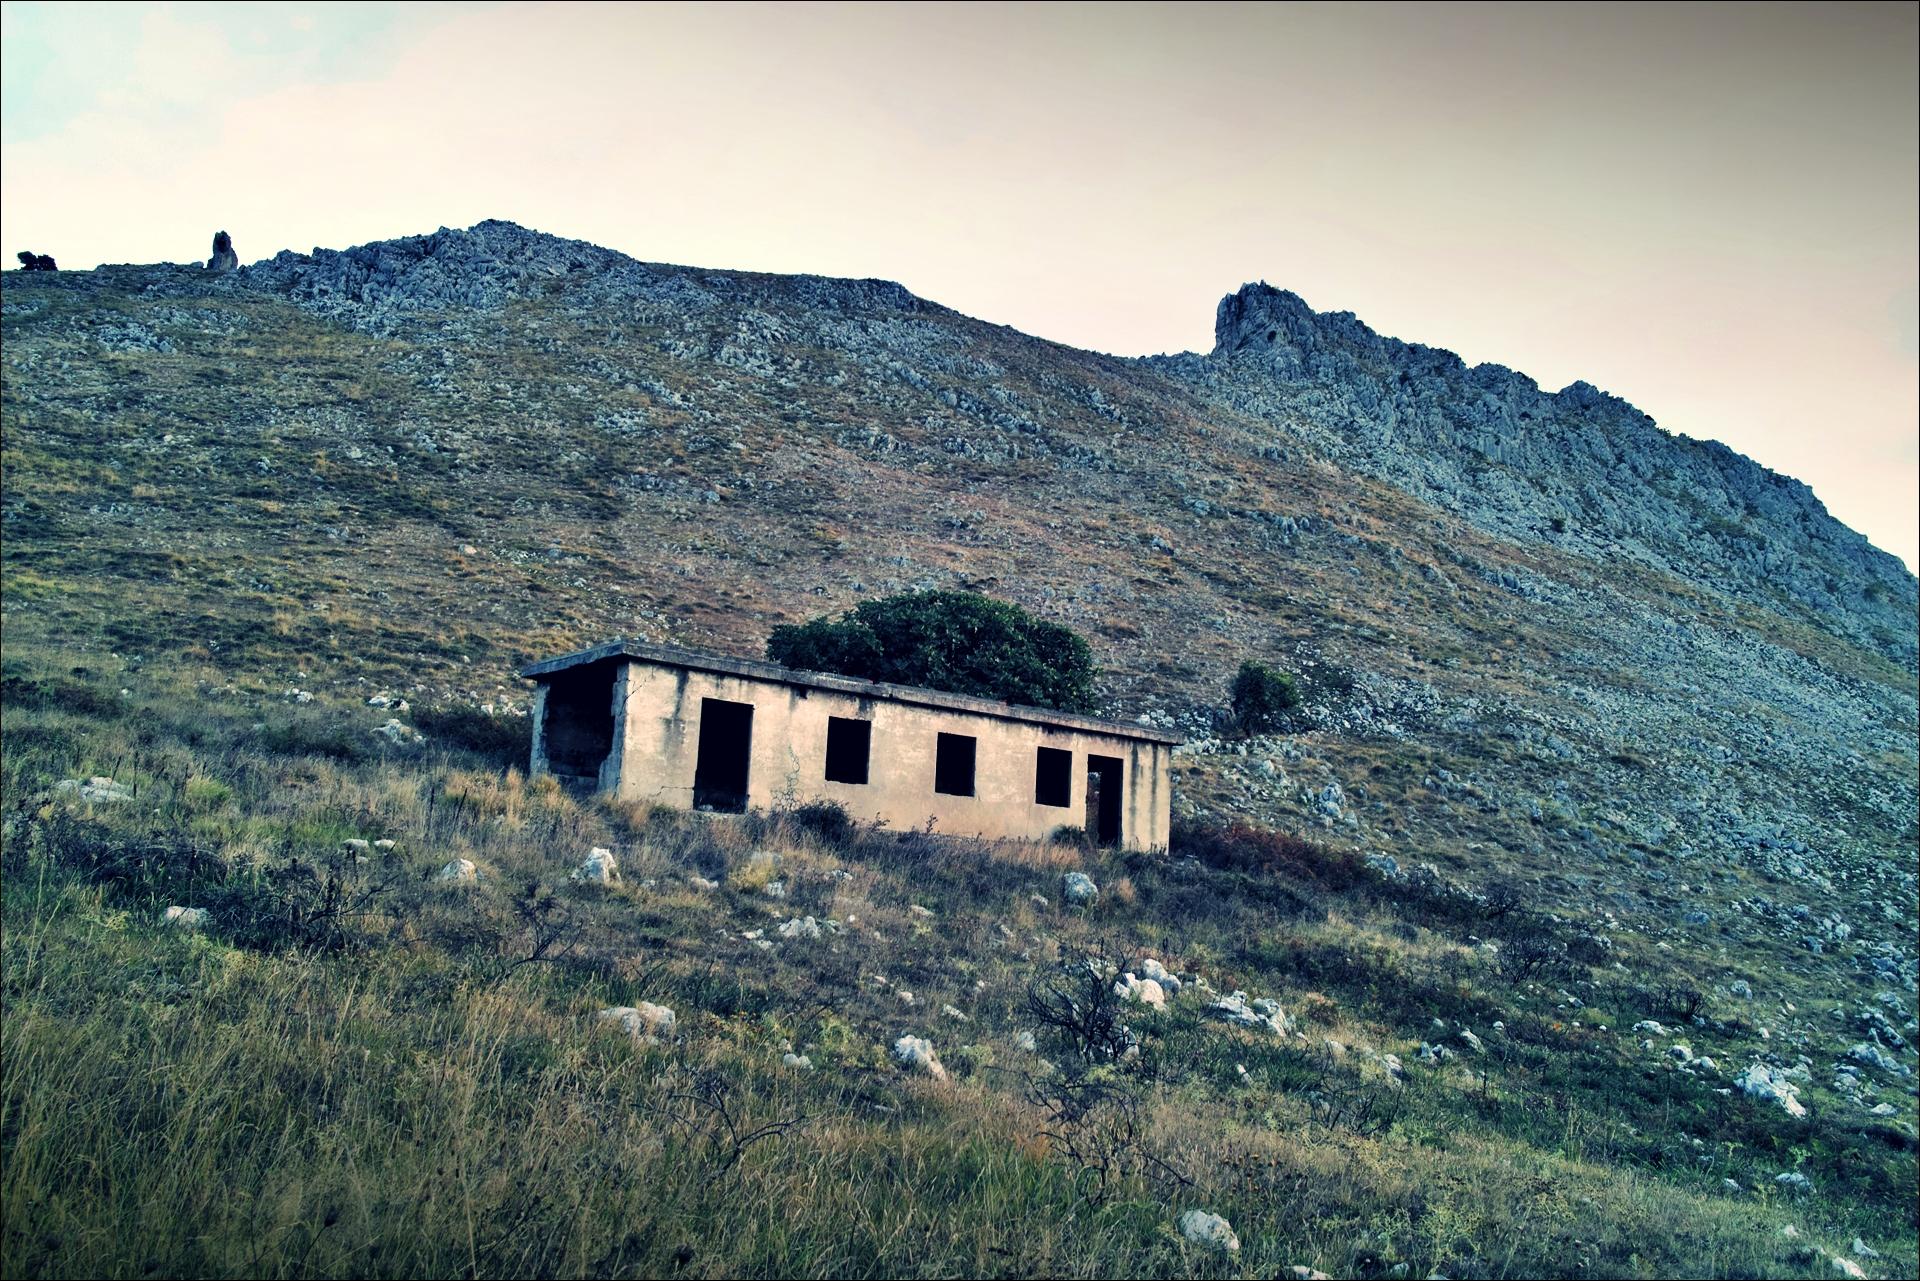 은신처-'카미노 데 산티아고 북쪽길. 리엔도에서 산토냐. (Camino del Norte - Liendo to Santoña) '